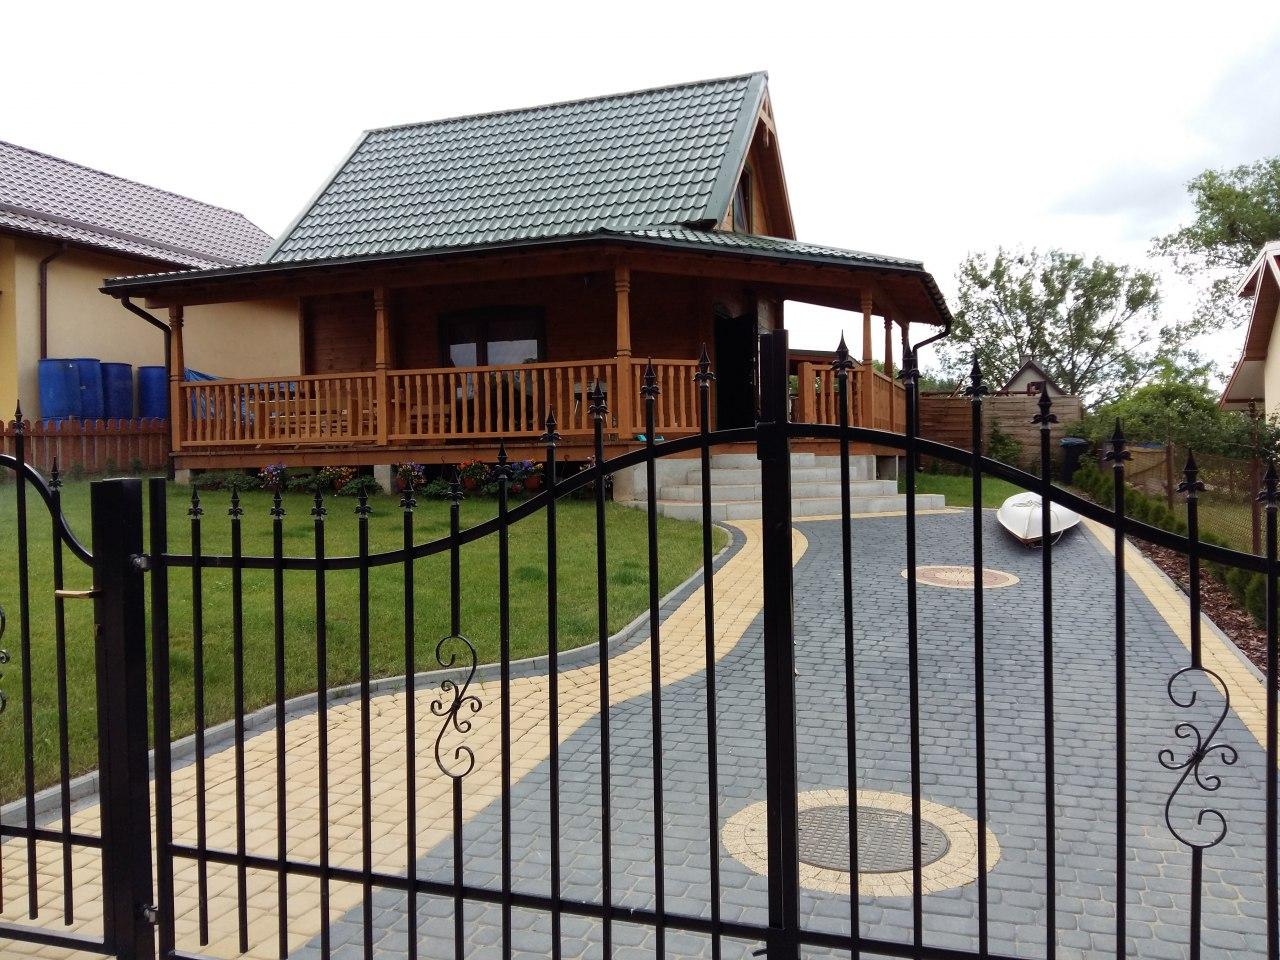 Domek Letniskowy & domek z kominkiem nad jeziorem